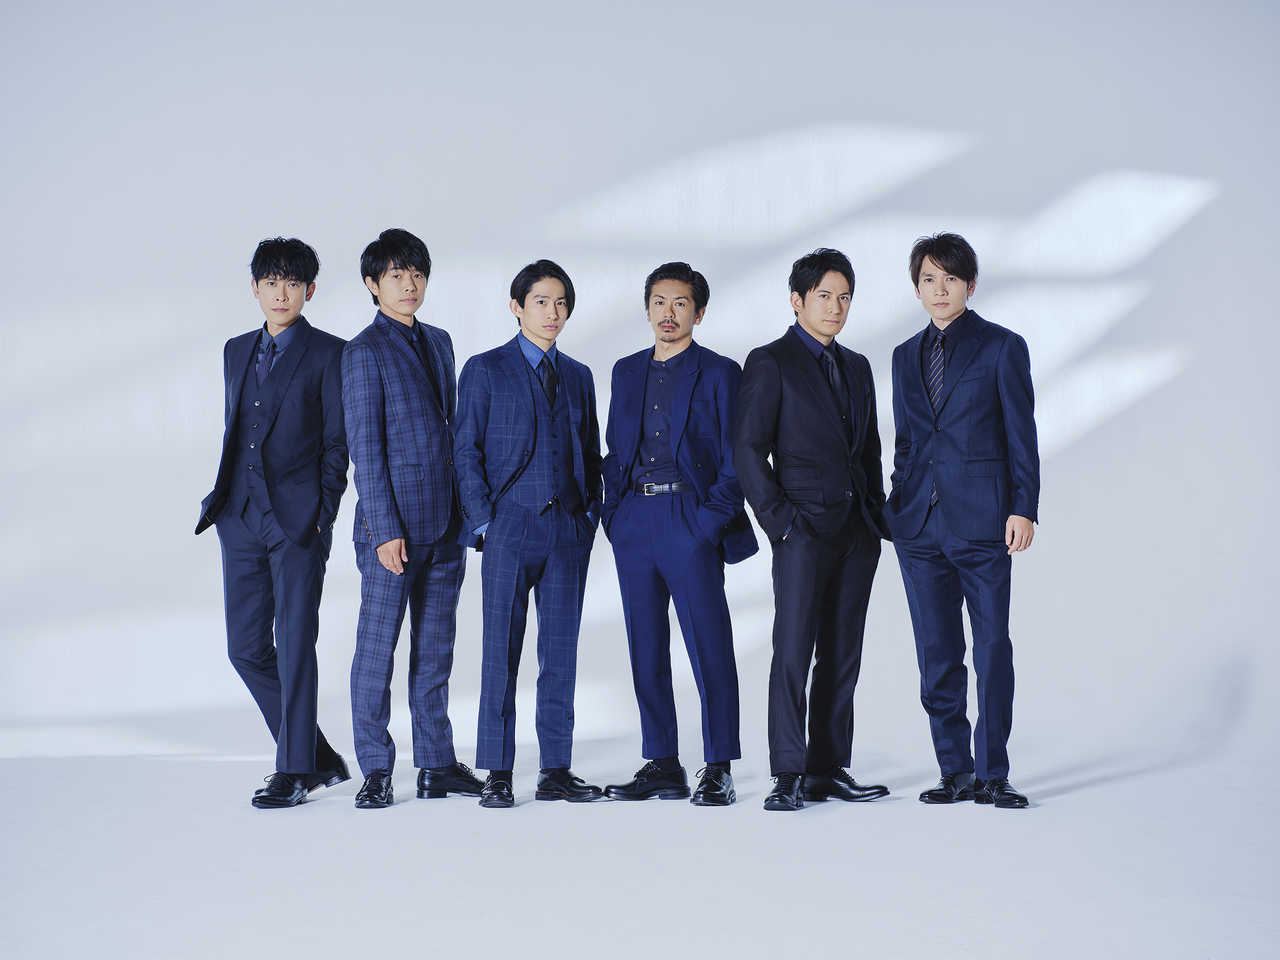 勤続25年の男たち V6 デビュー記念の11月1日に25周年記念配信ライブ開催決定!